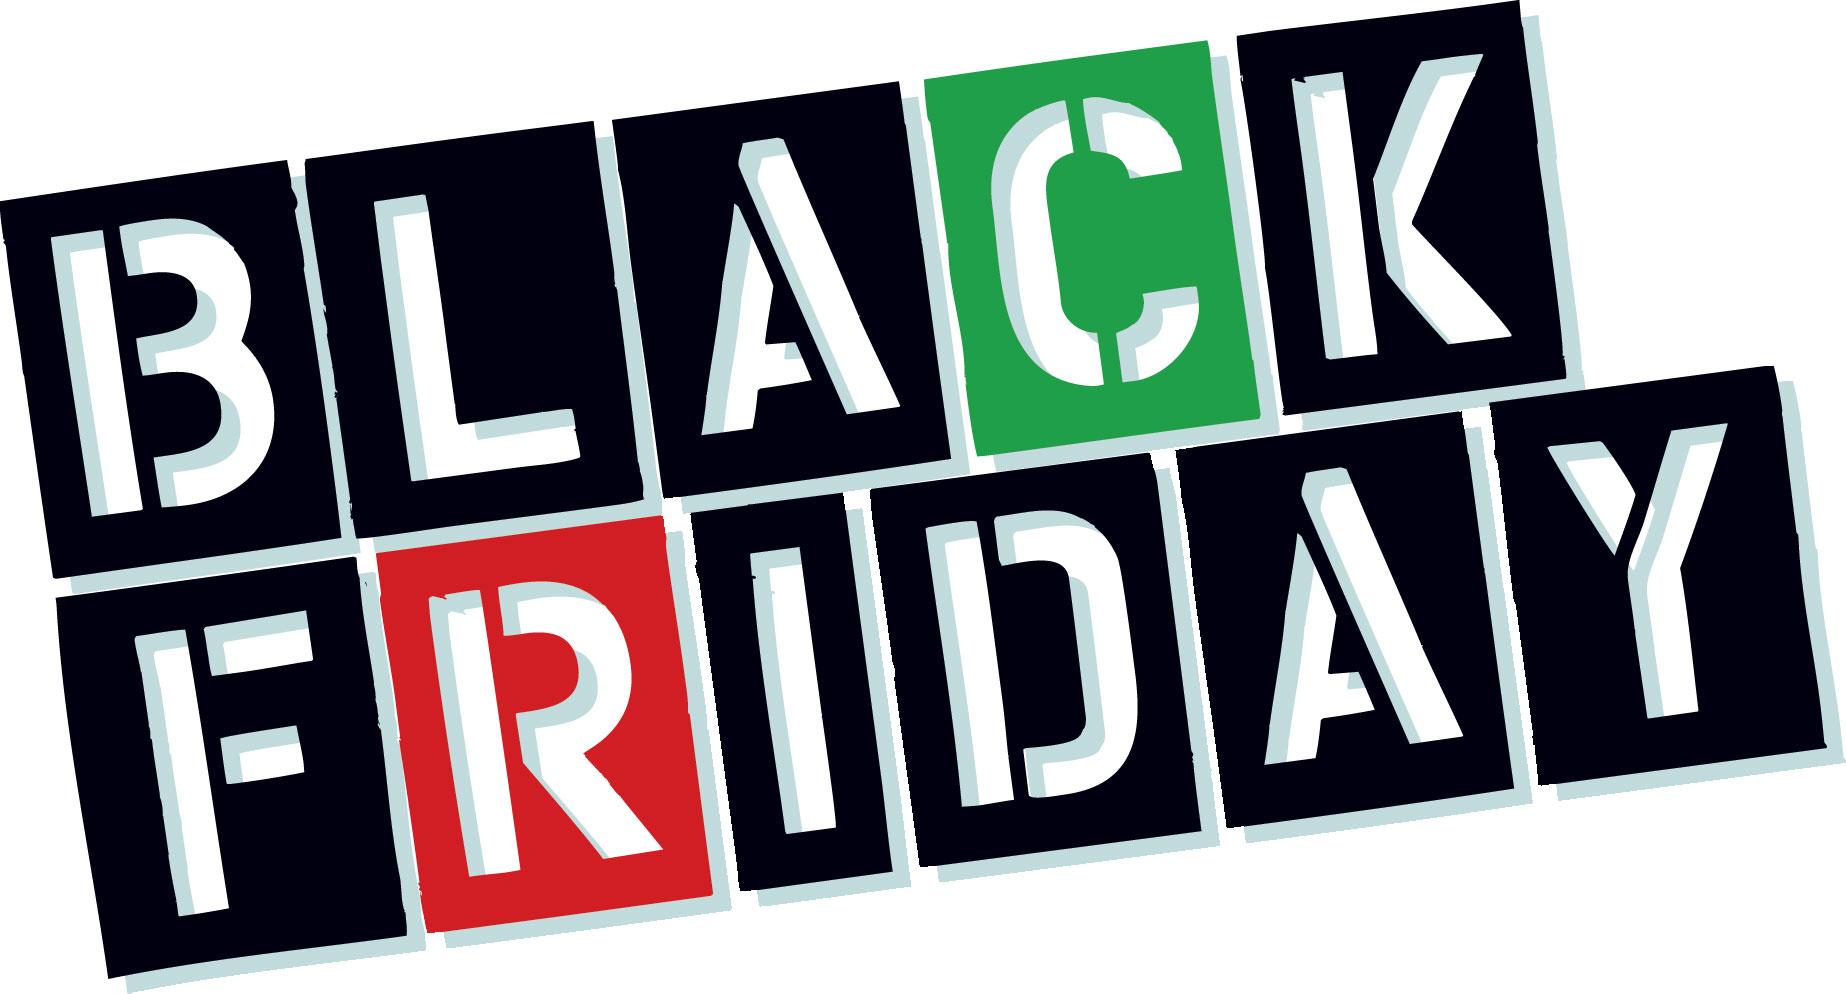 Al via il Black Friday 2015, l'anticamera dello shopping natalizio